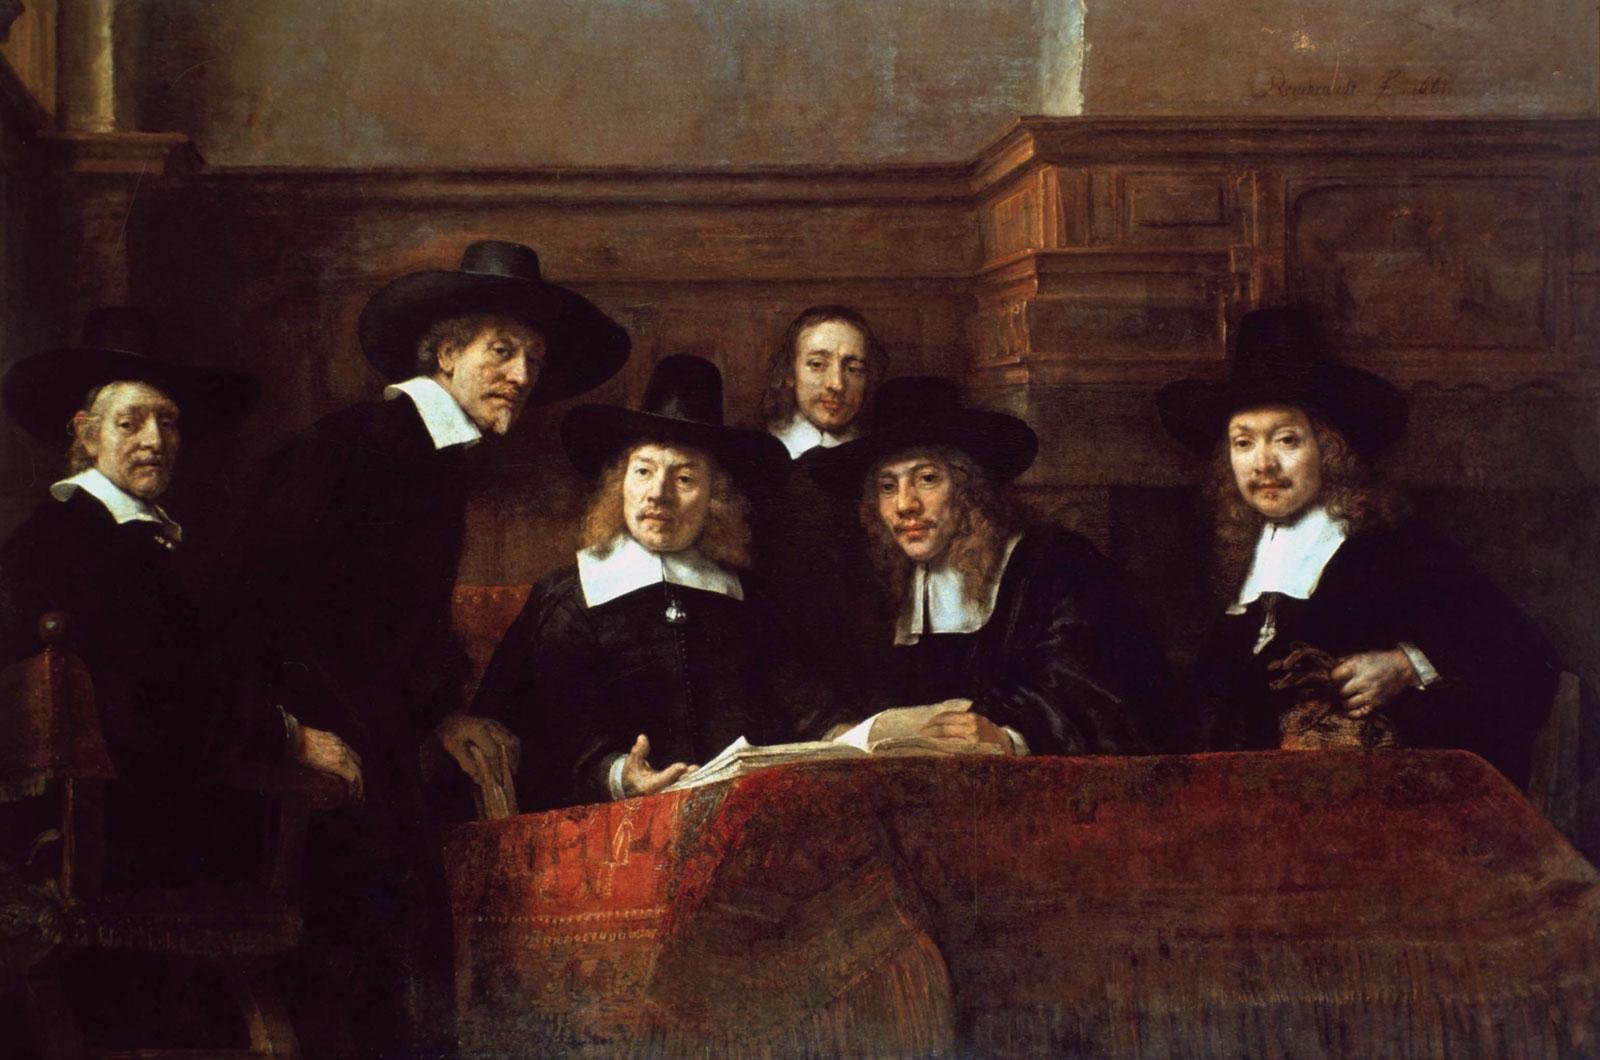 Рембрандт групповой портрет членов ткацкого цеха Амстердама